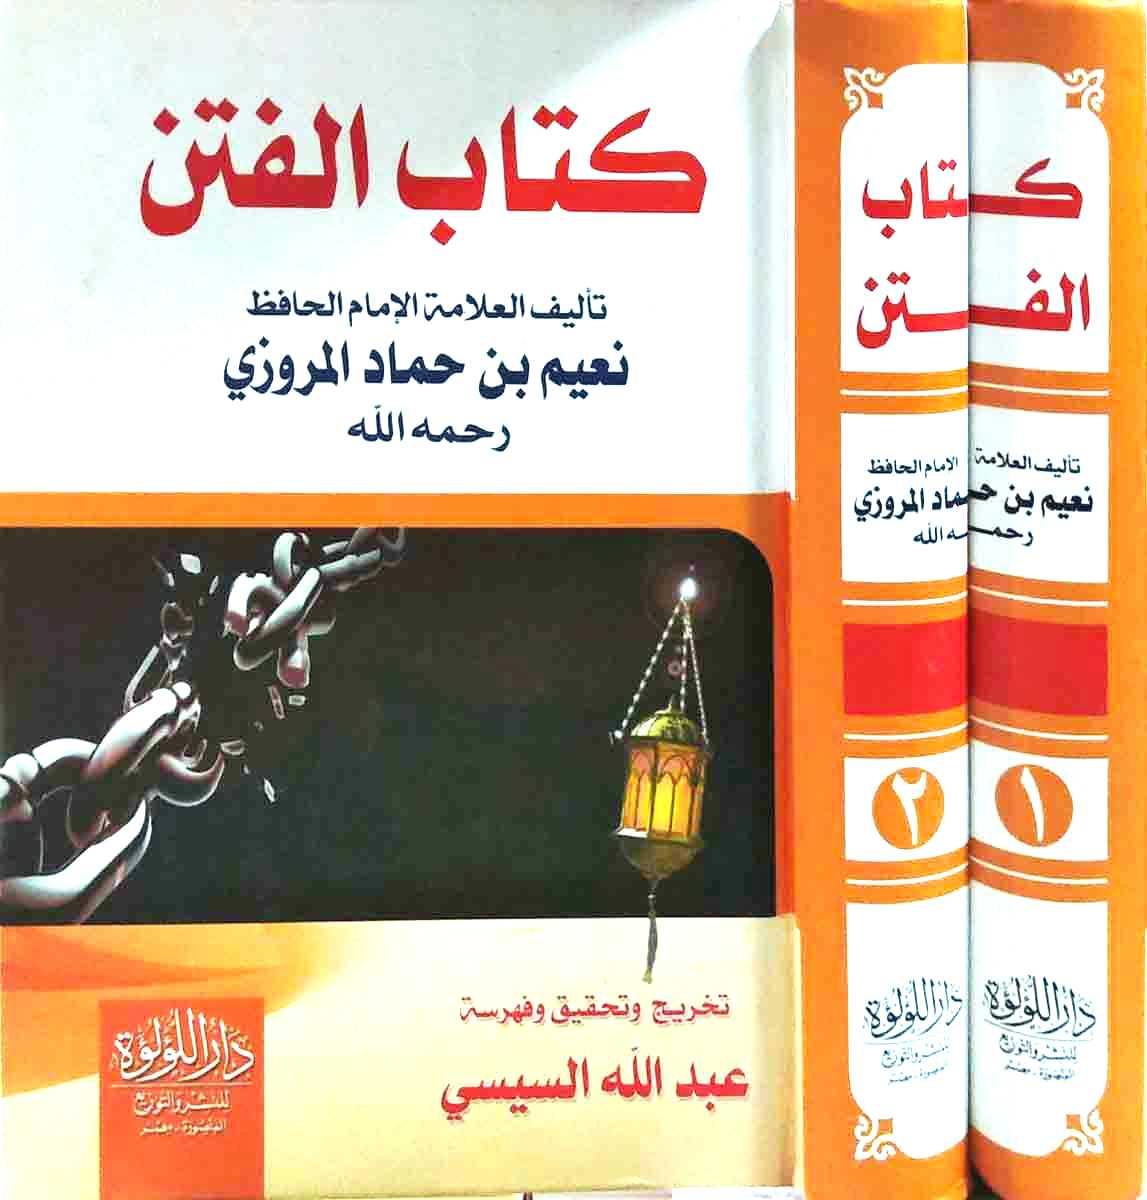 كتاب الفتن لنعيم بن حماد محقق pdf